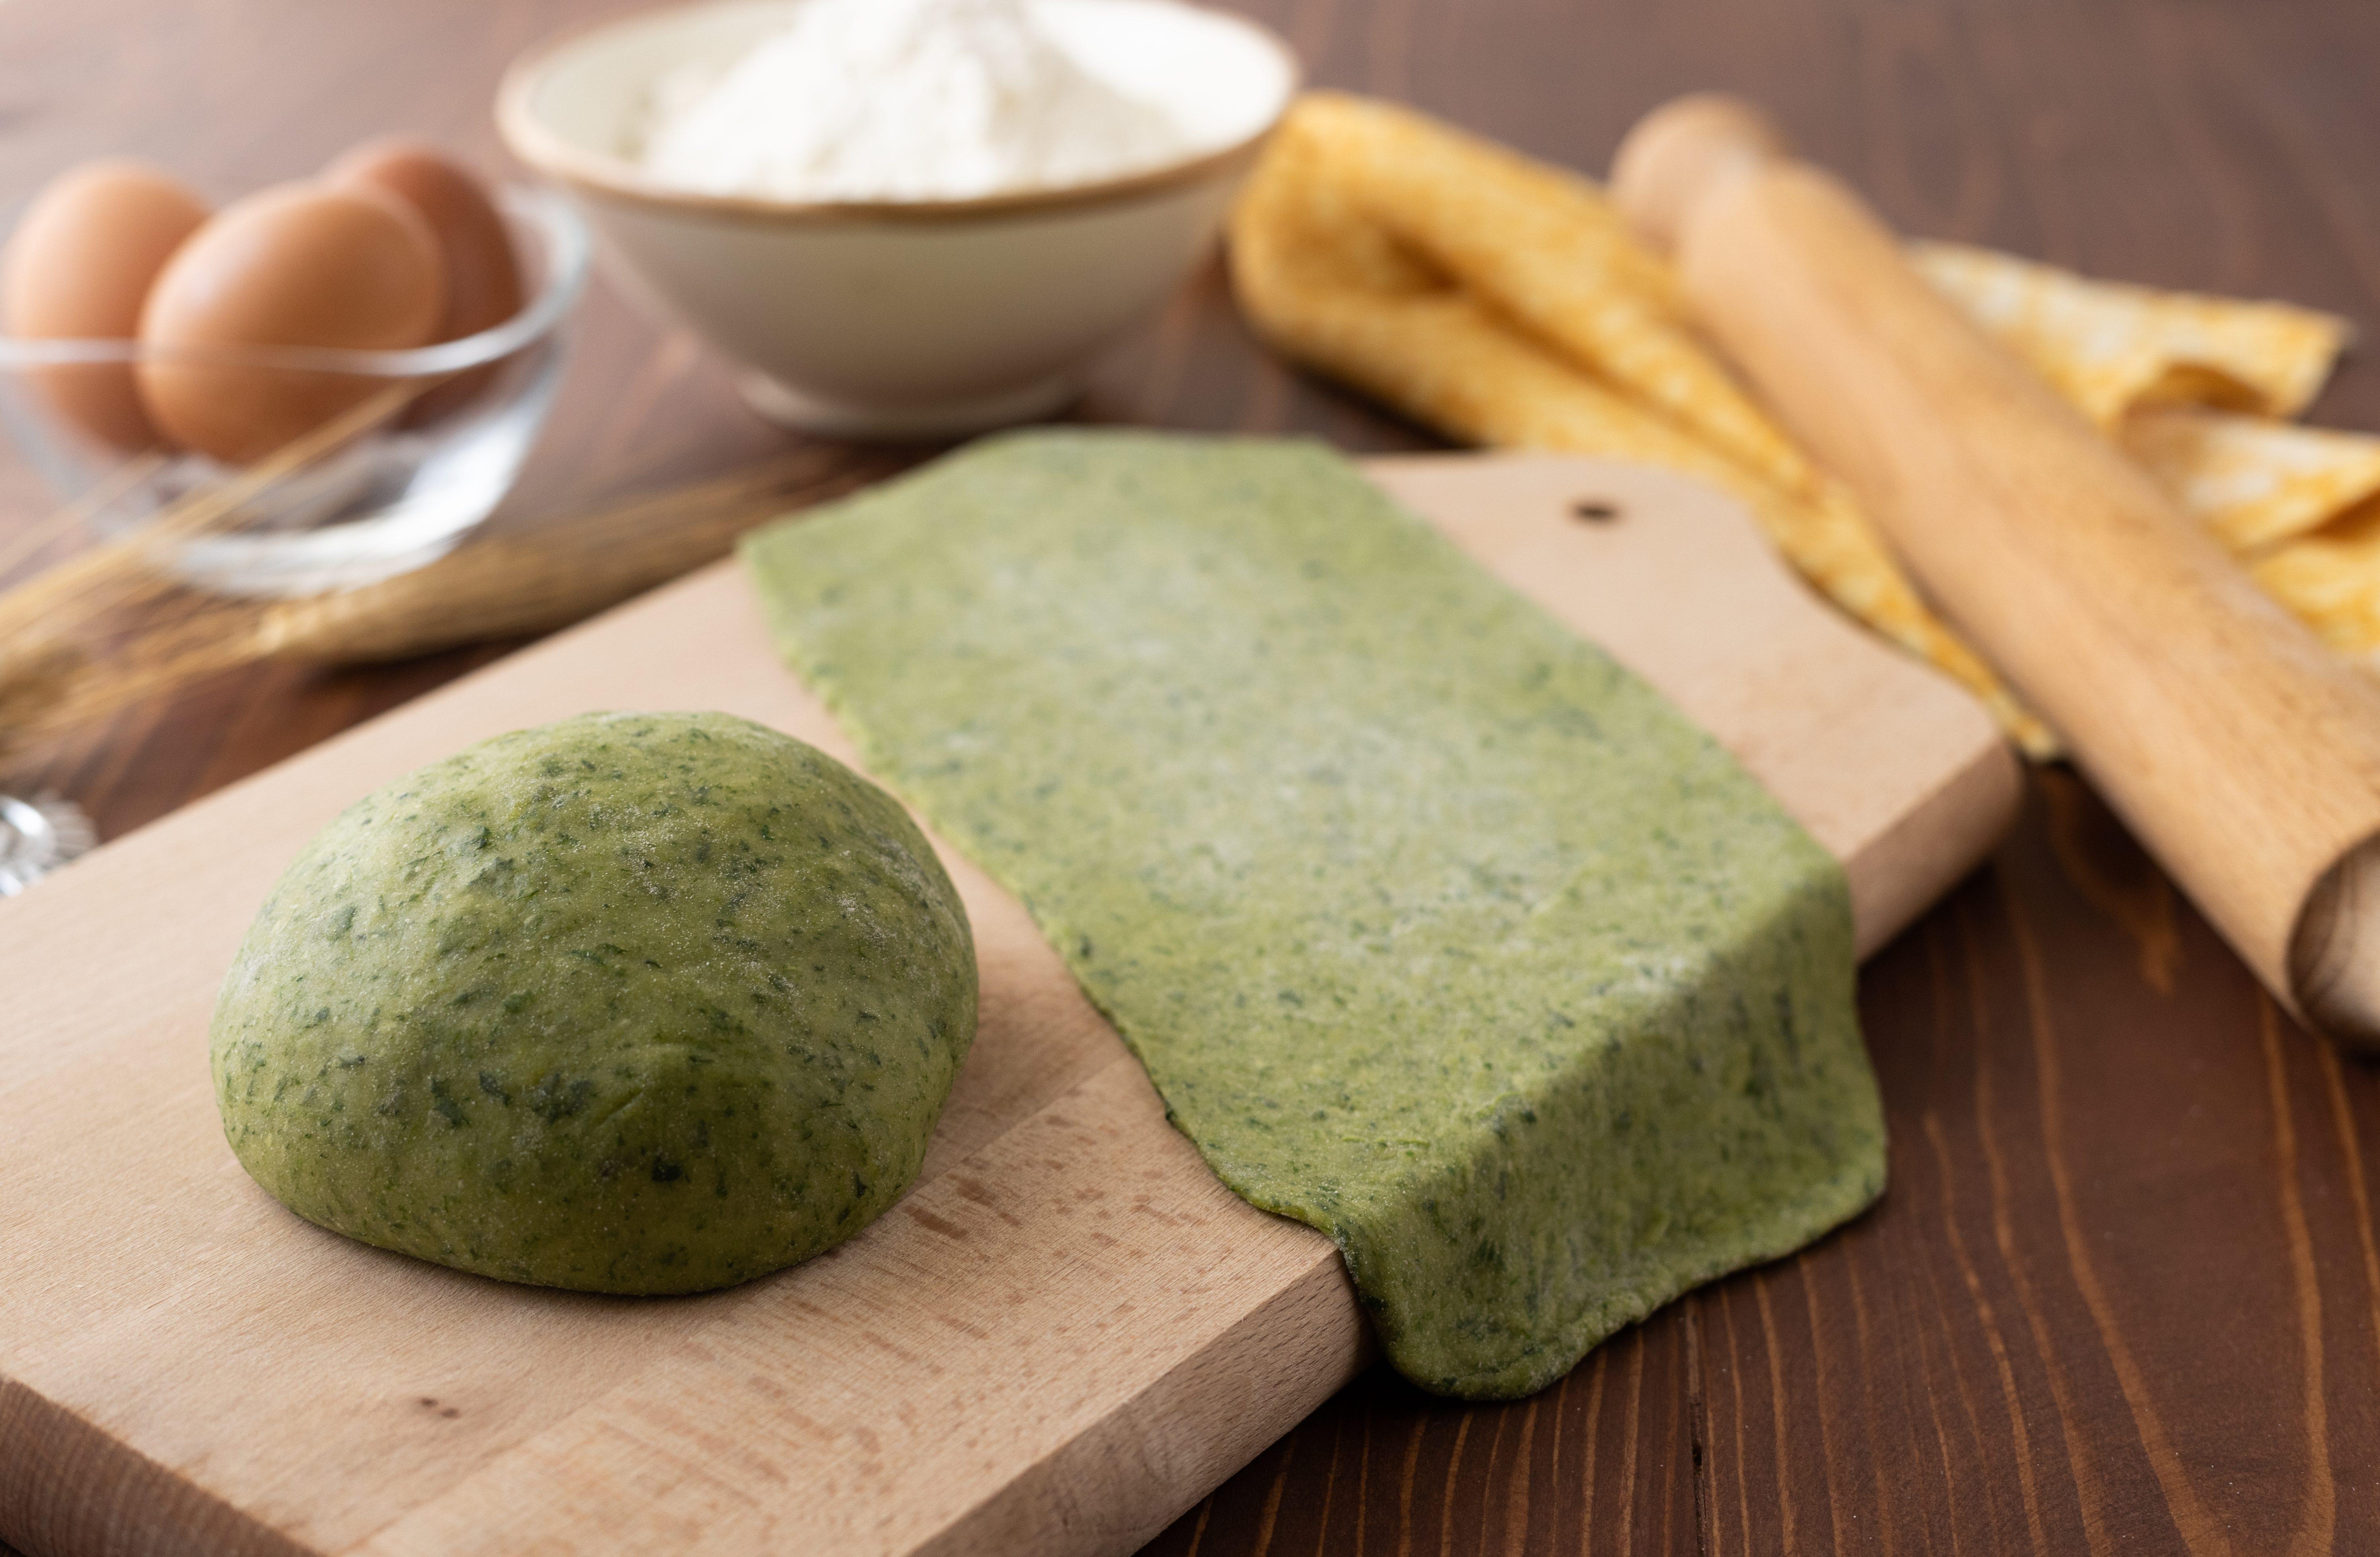 Pasta verde agli spinaci: la ricetta per realizzare la sfoglia colorata